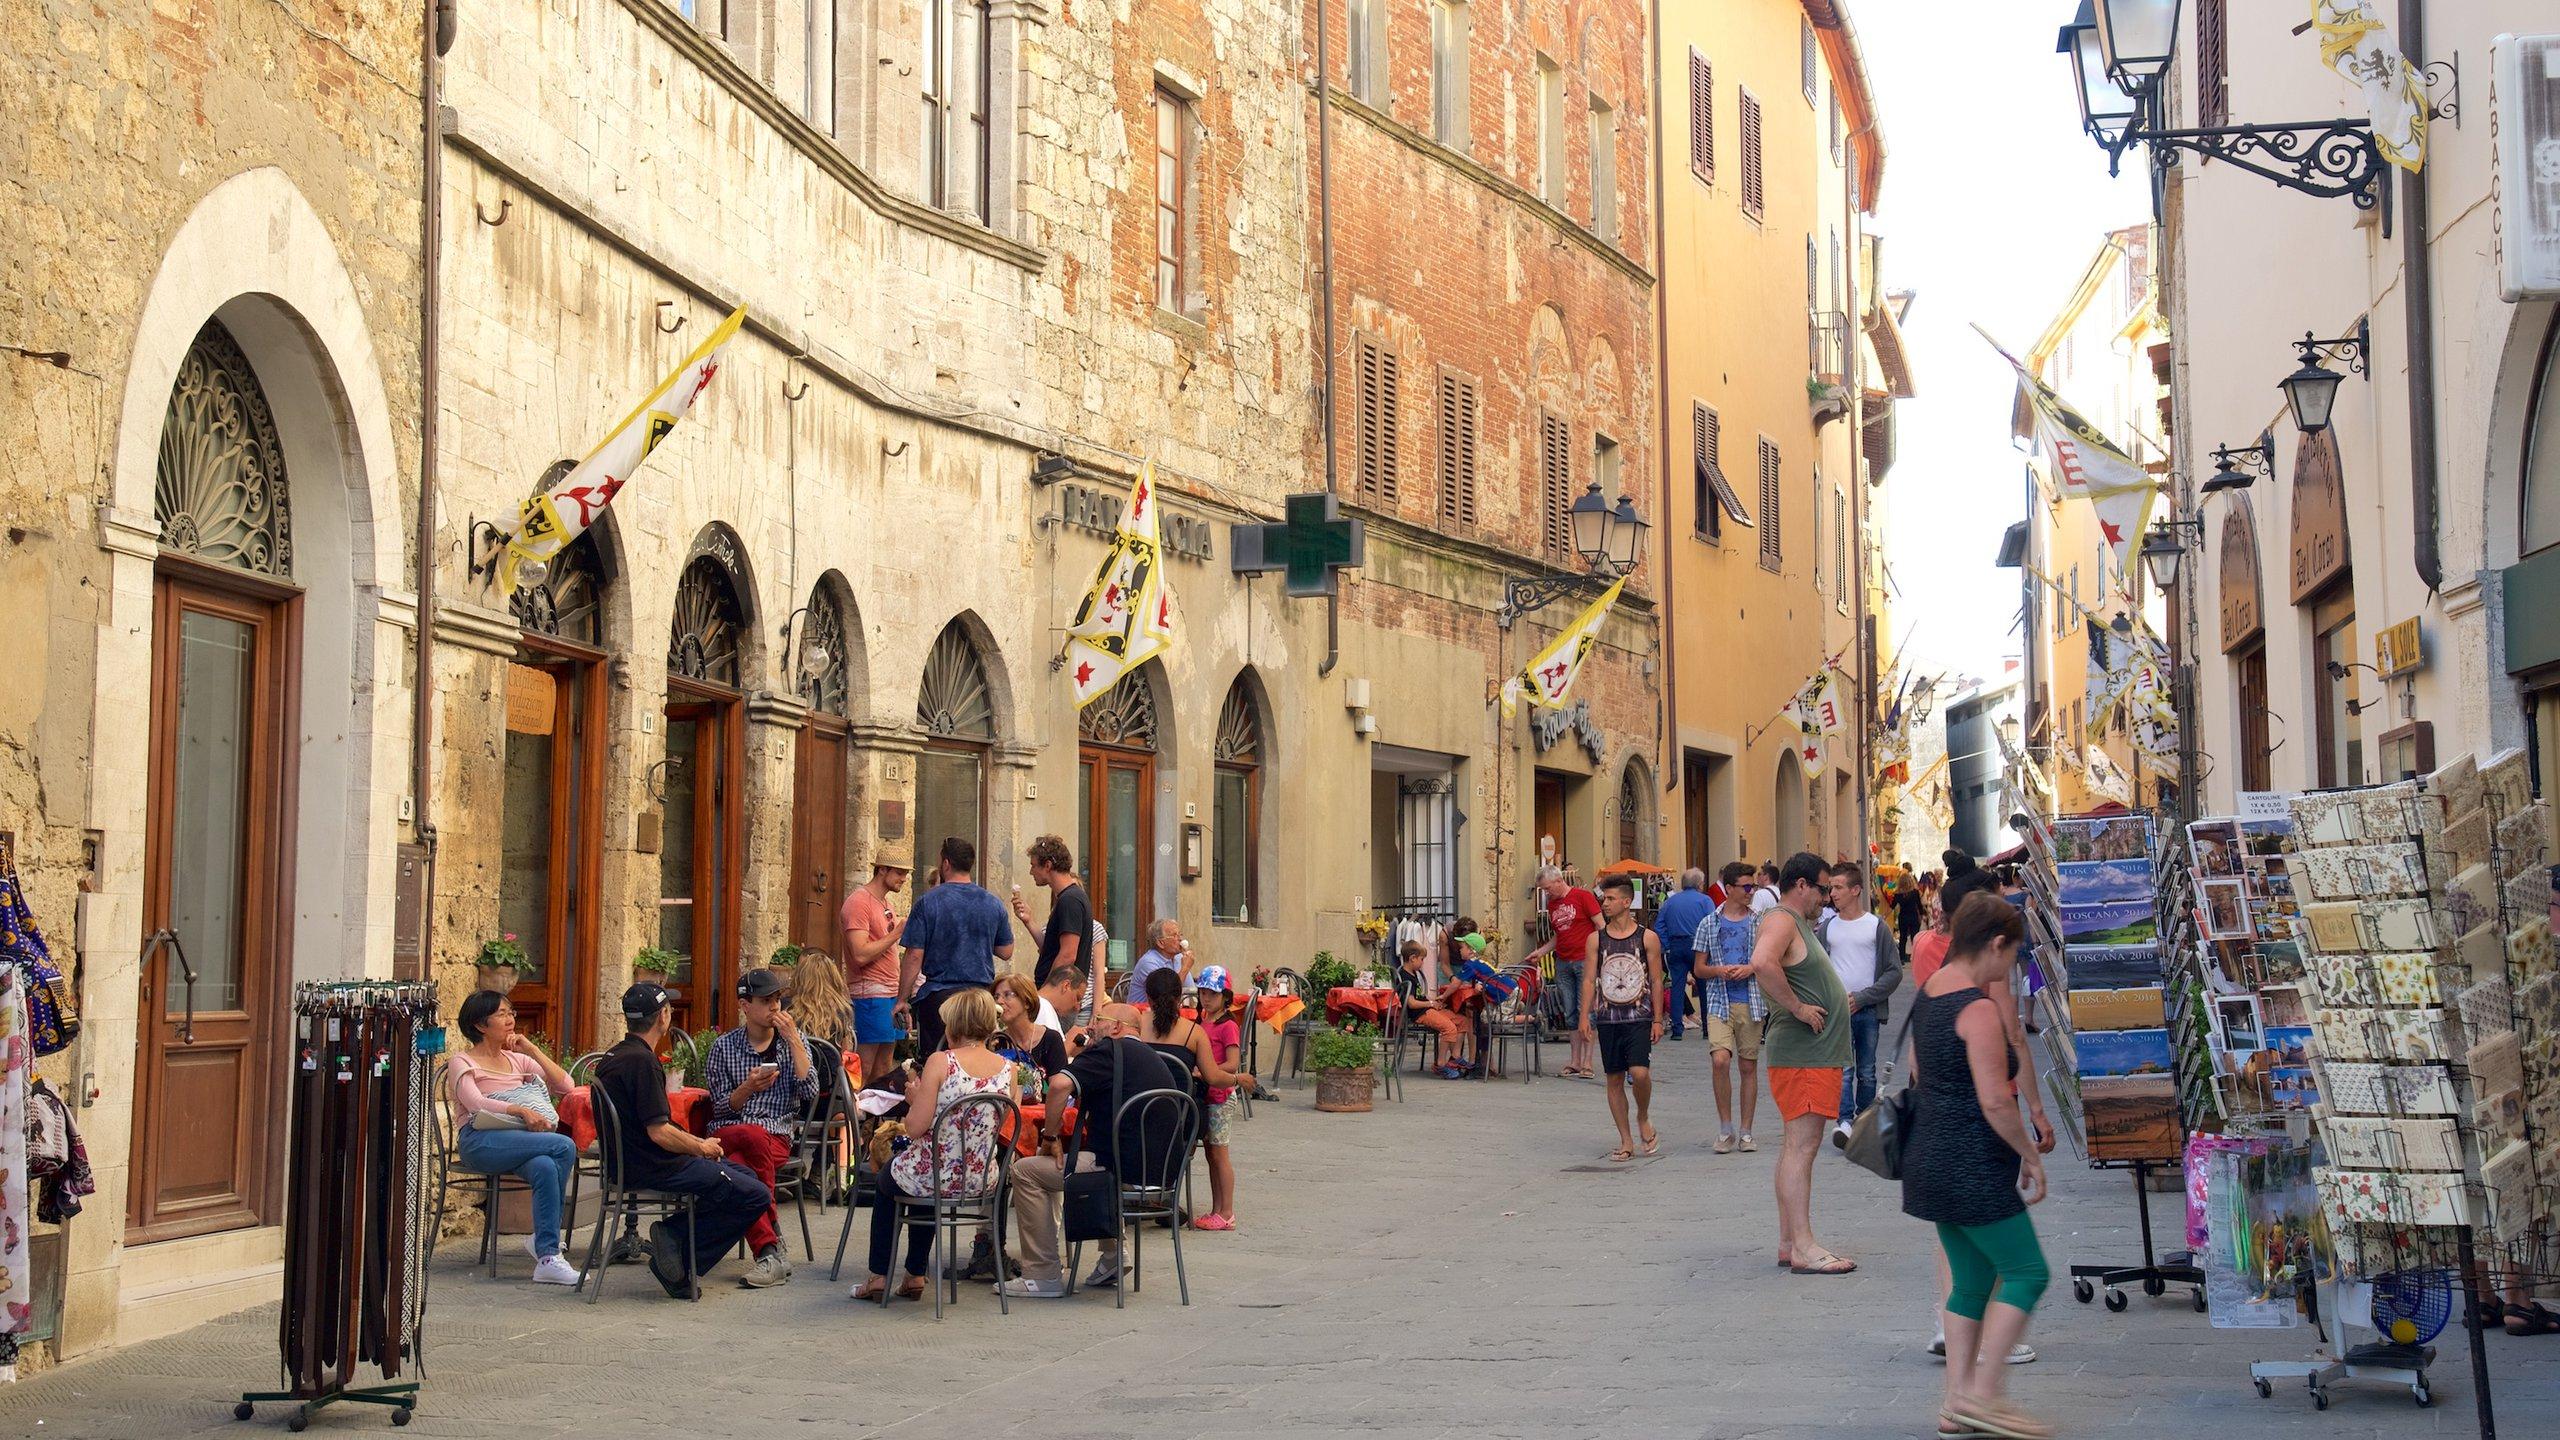 Massa Marittima, Toskana, Italien